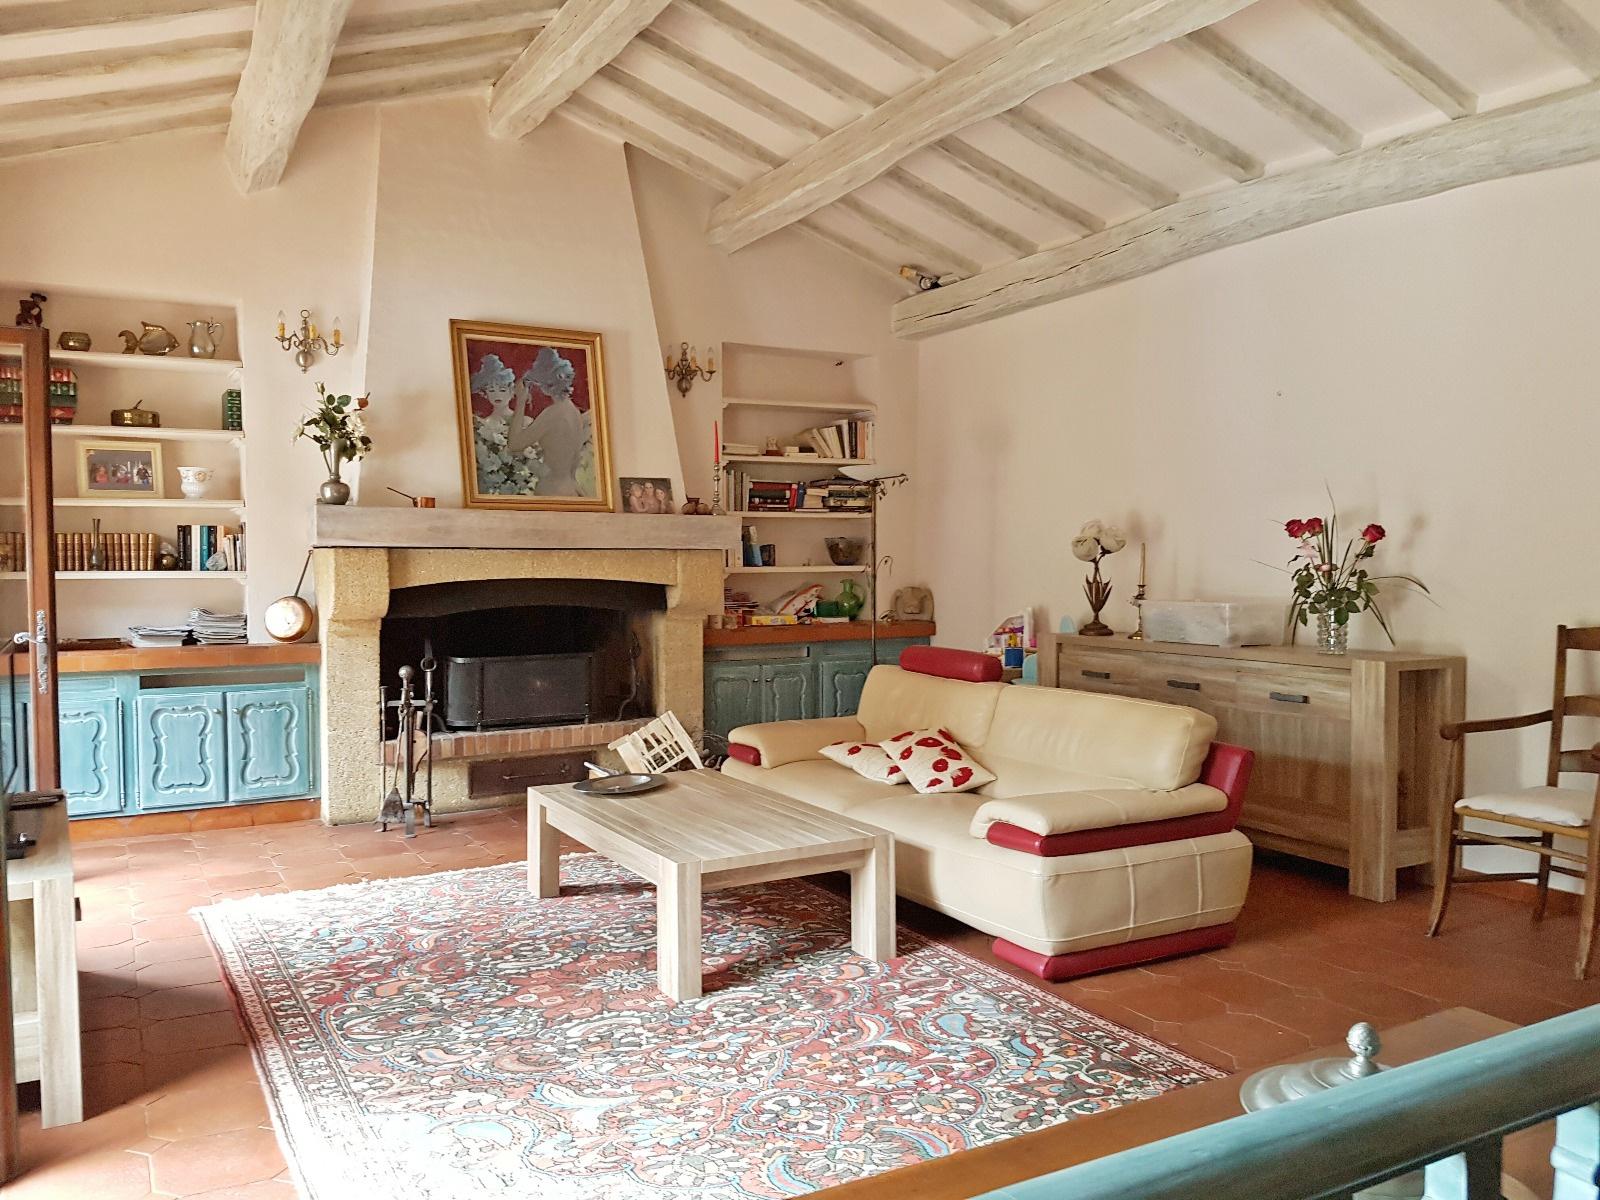 Ventes terme libre var maisons et appartements saint raphael et plus - Vente a terme libre sur 10 ans ...